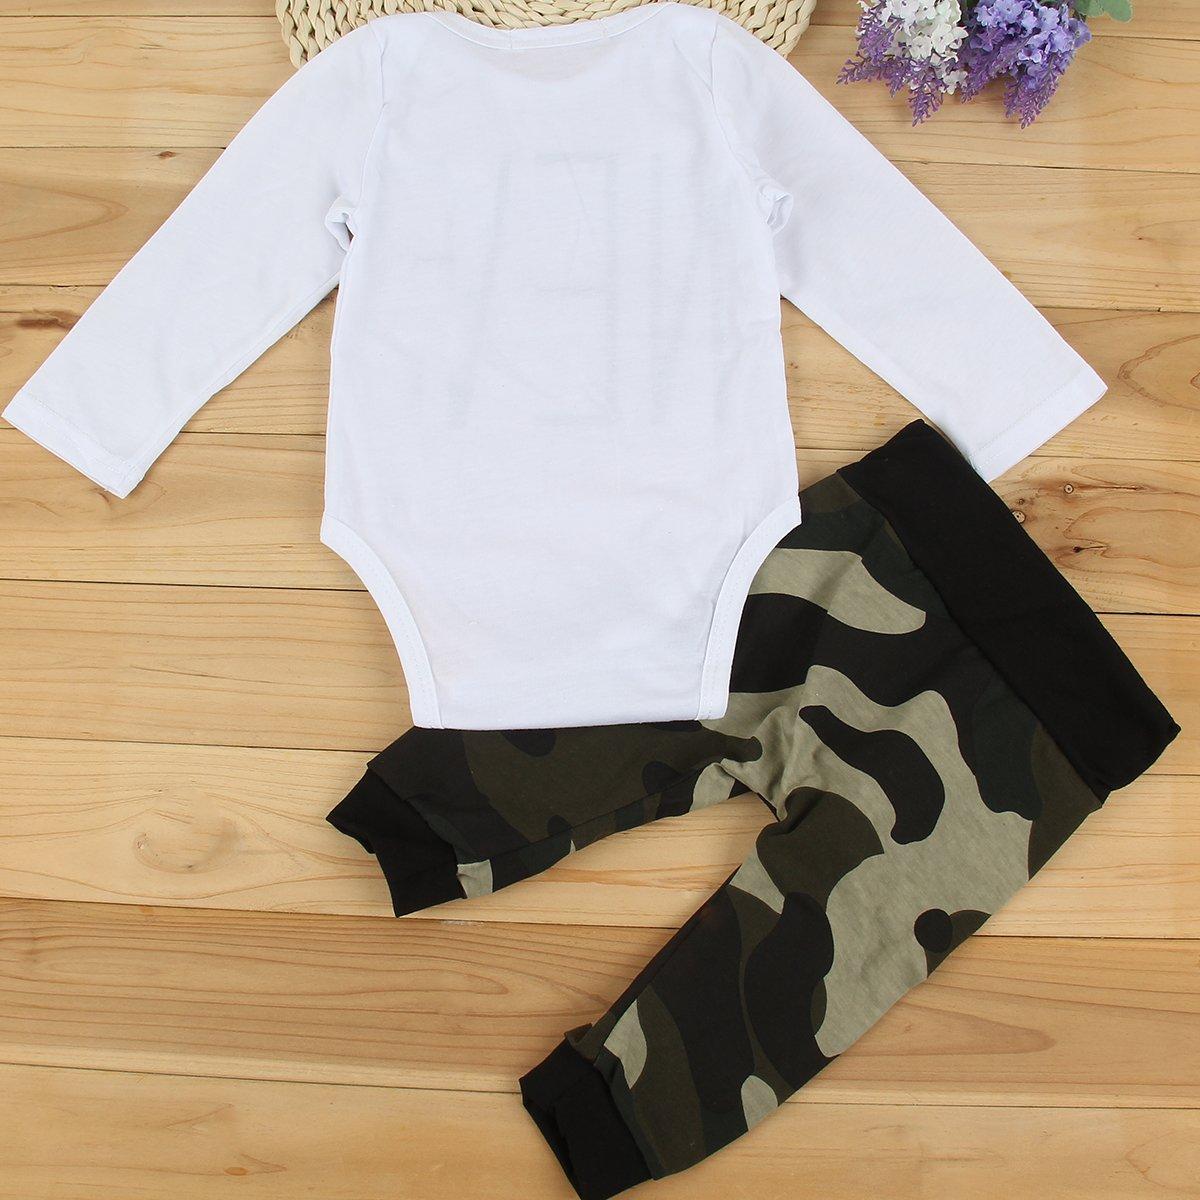 Puseky - Juego de pelele de manga larga y pantalones de camuflaje para niños unisex White+Camouflage Talla:6-12 meses: Amazon.es: Bebé